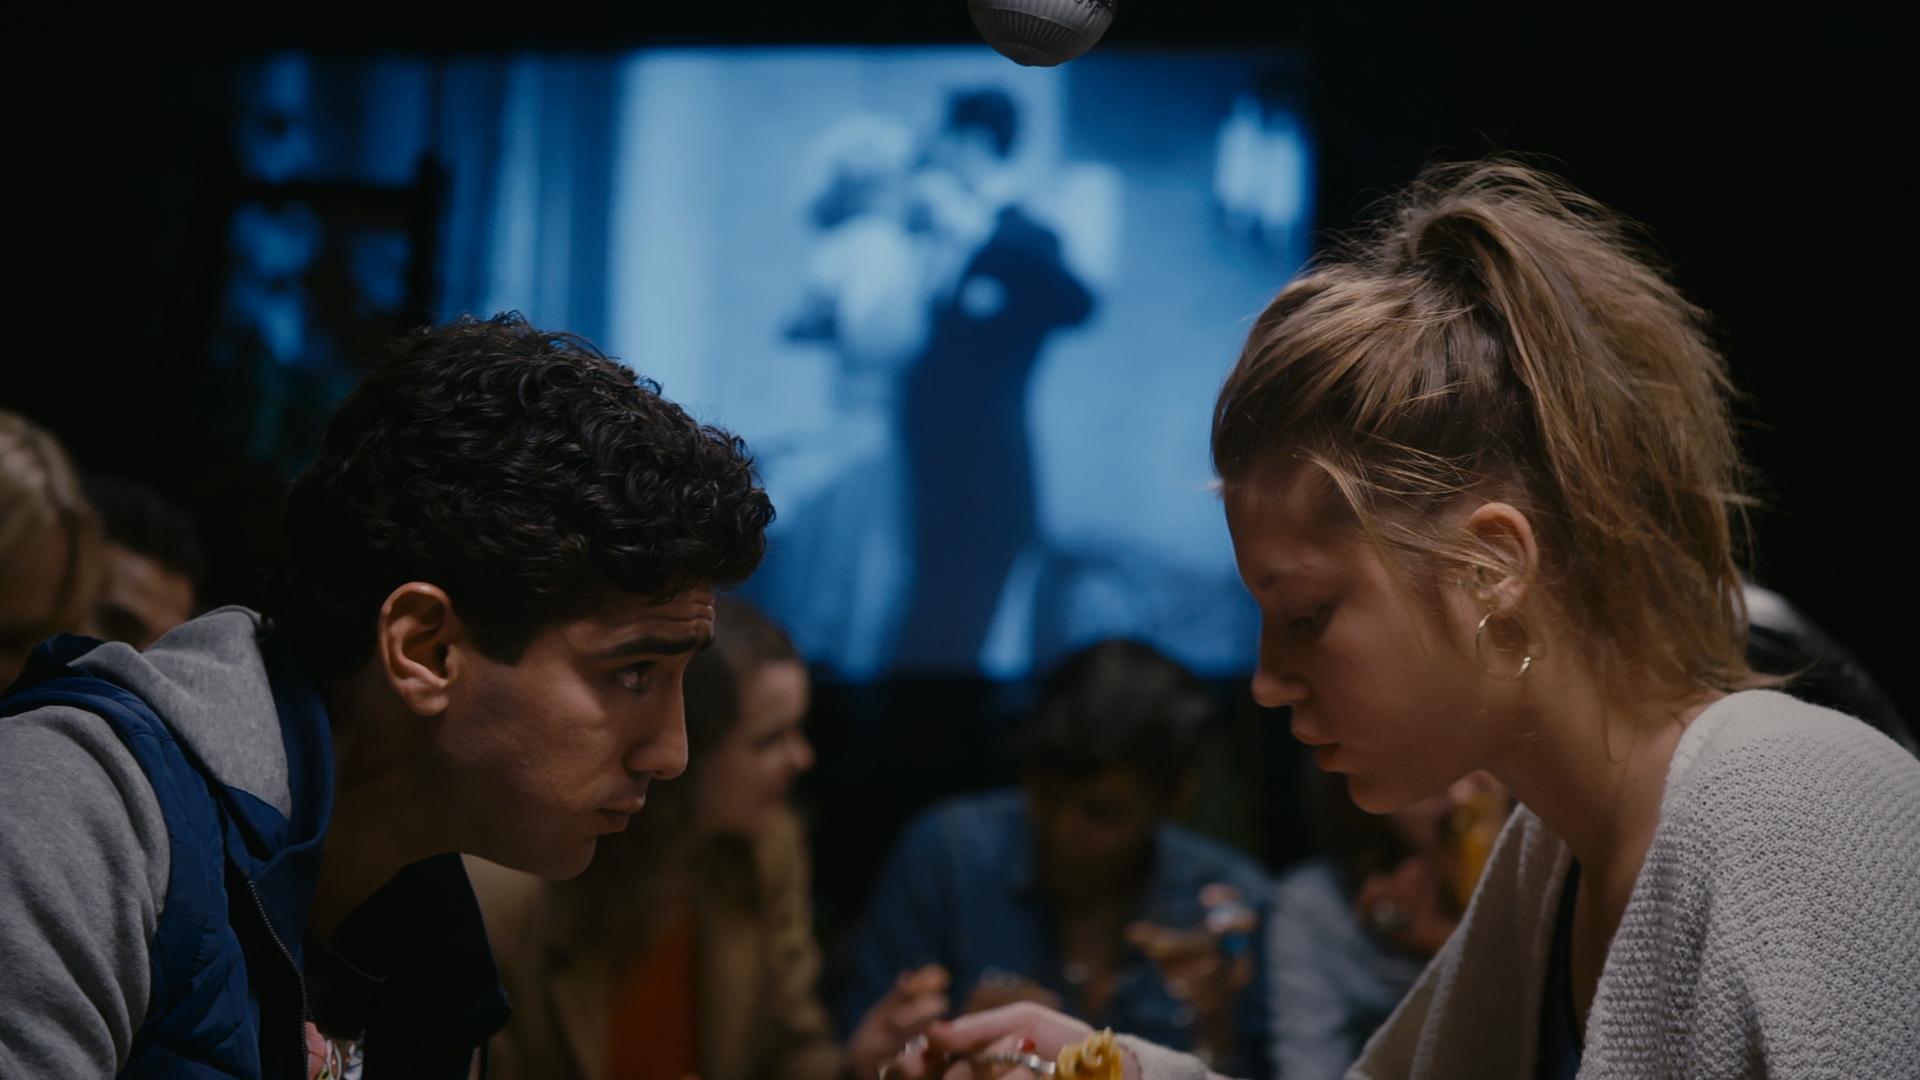 Смотреть онлайн фильм искушение эротика